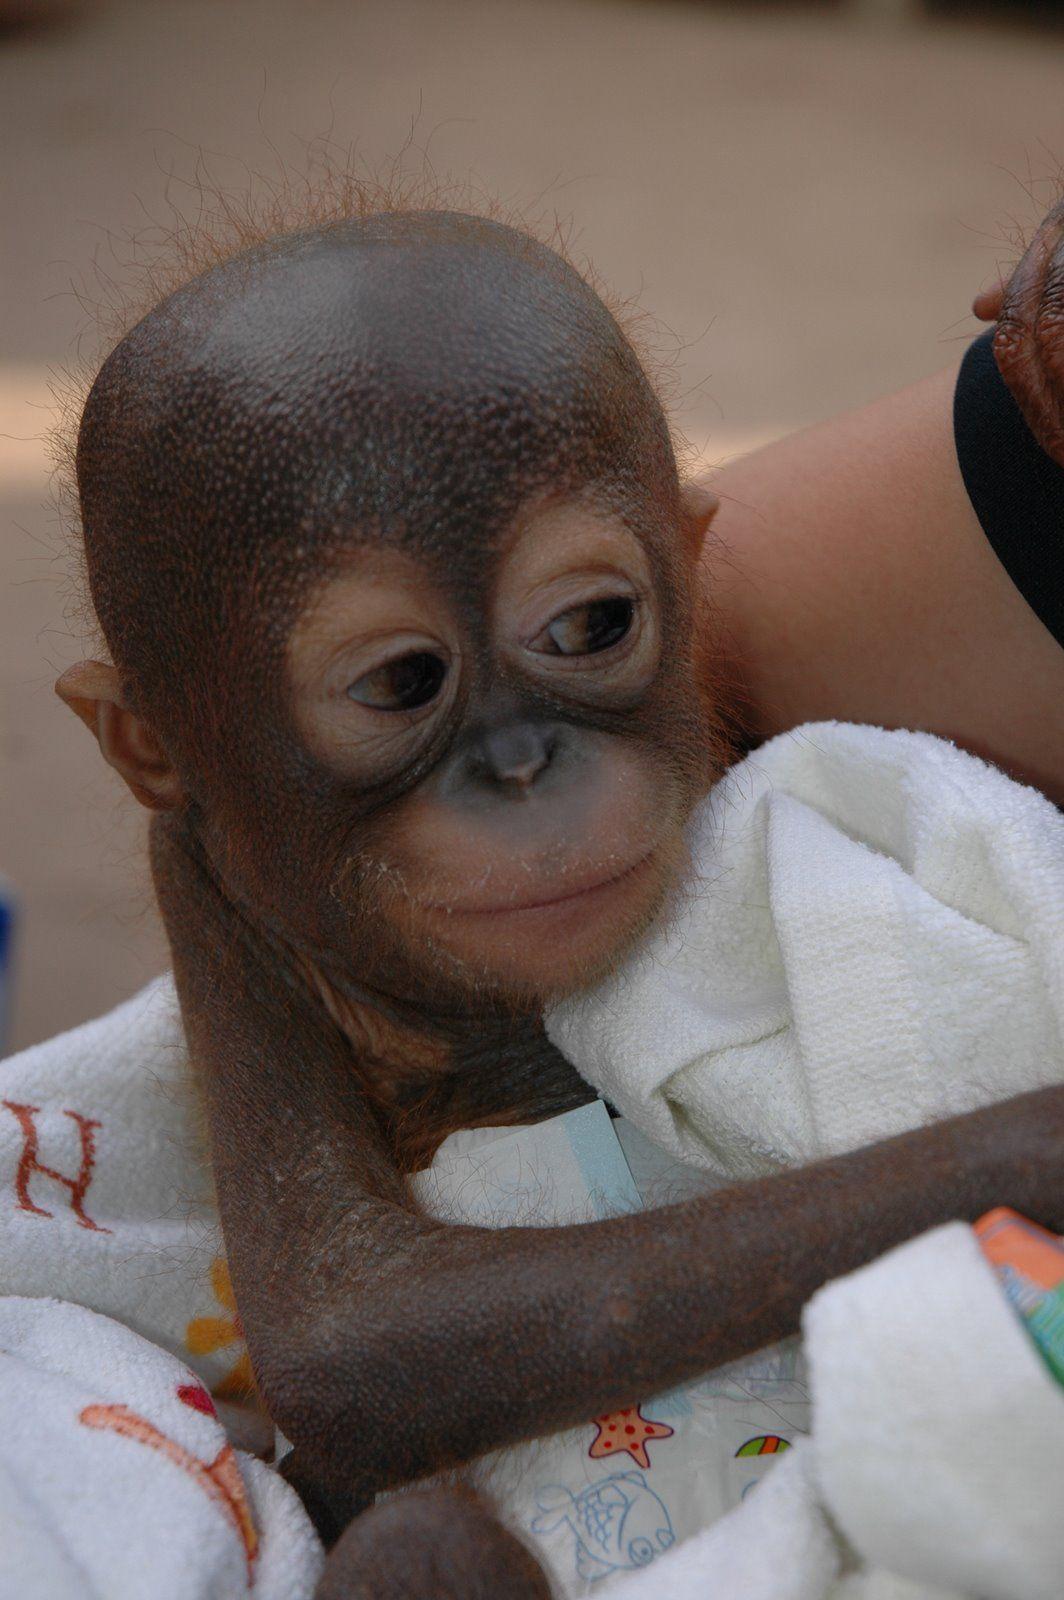 Another baby finds sanctuary at Nyaru Menteng